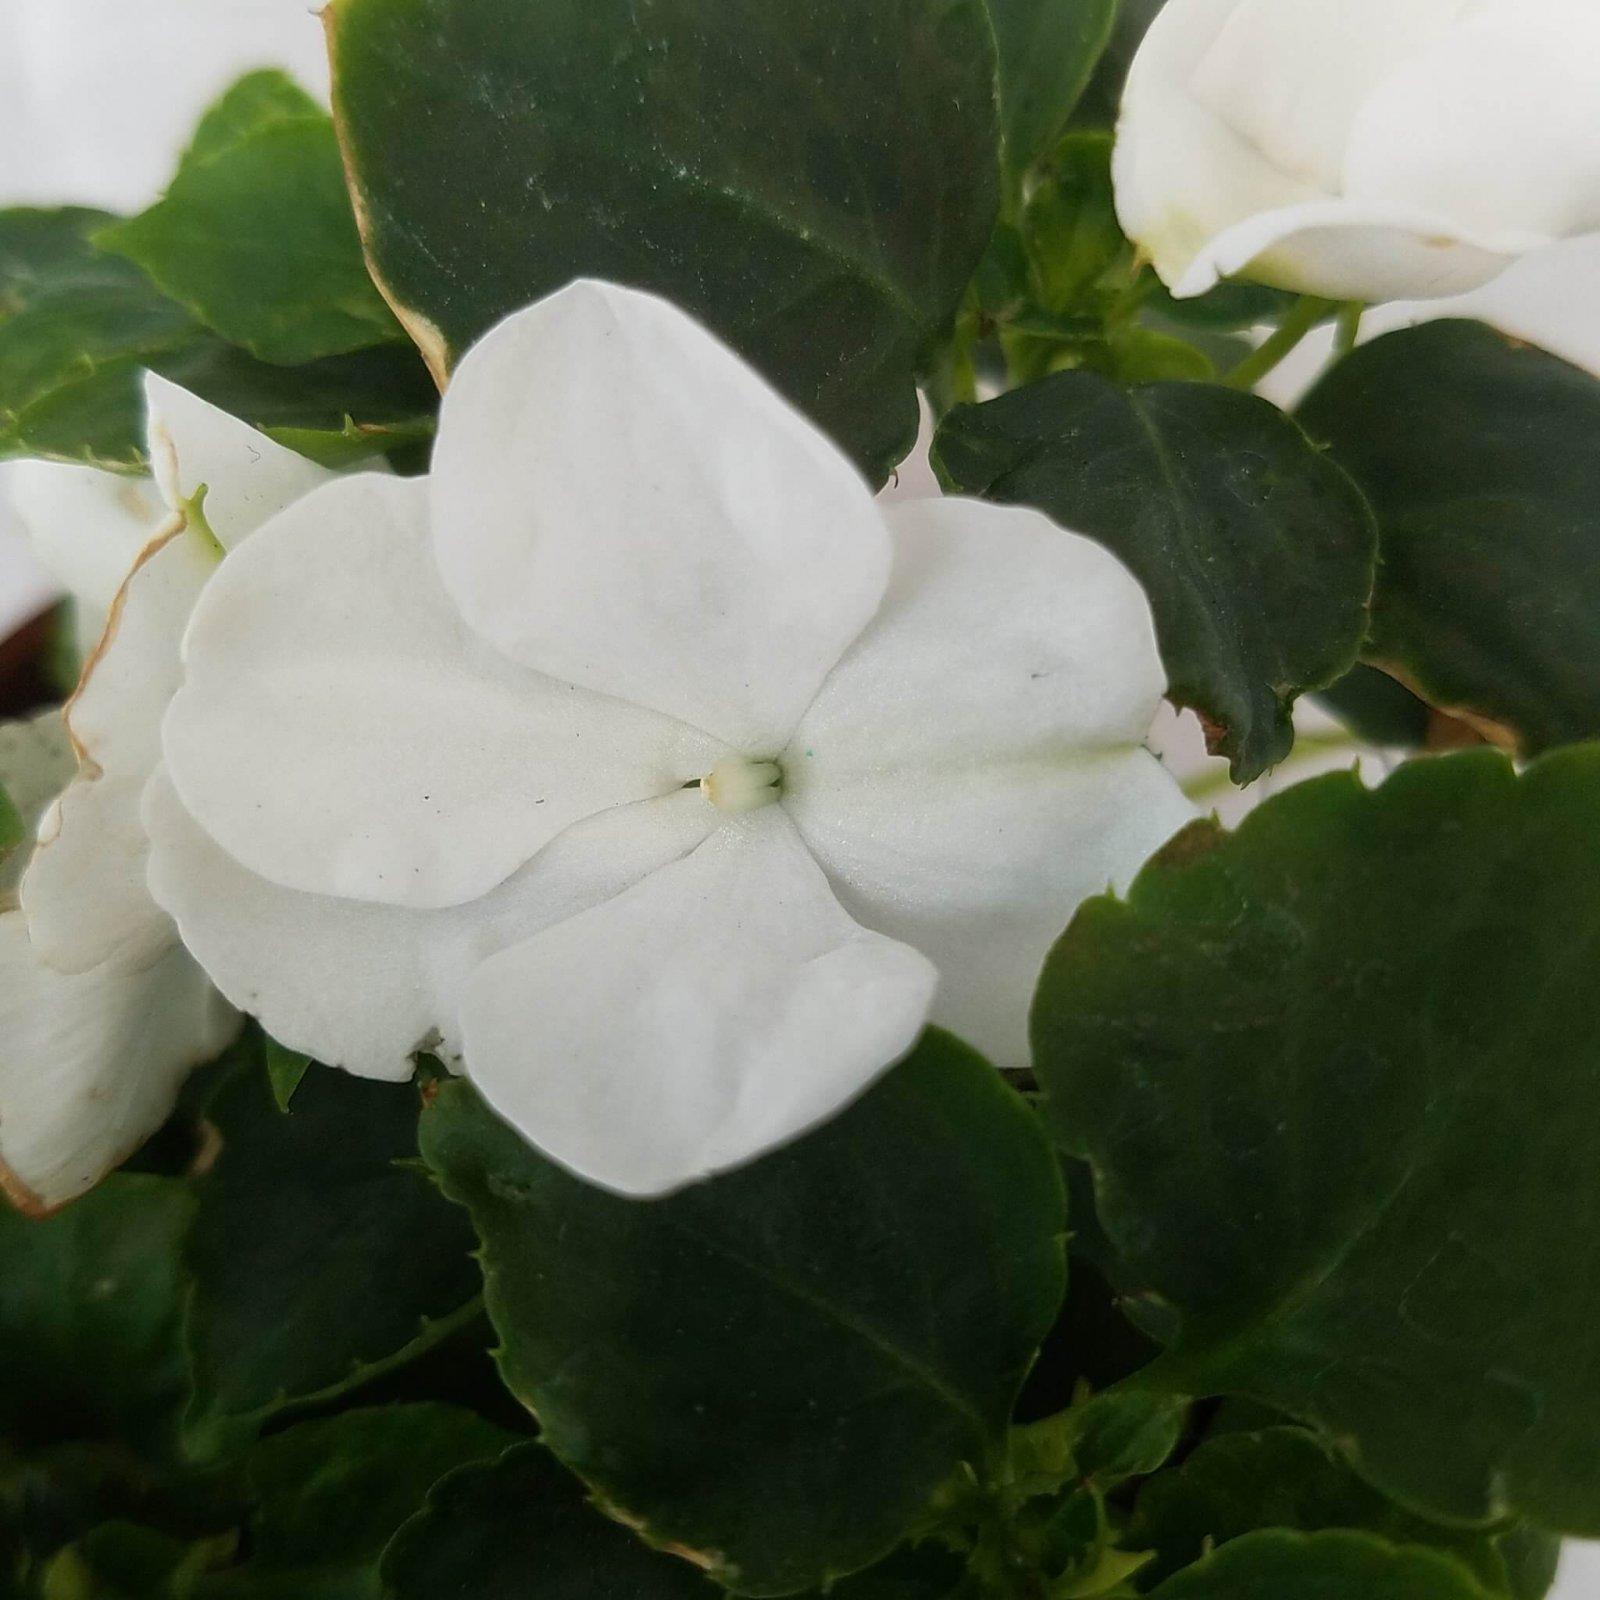 Impatiens 'S.E. White' - 4 1/2